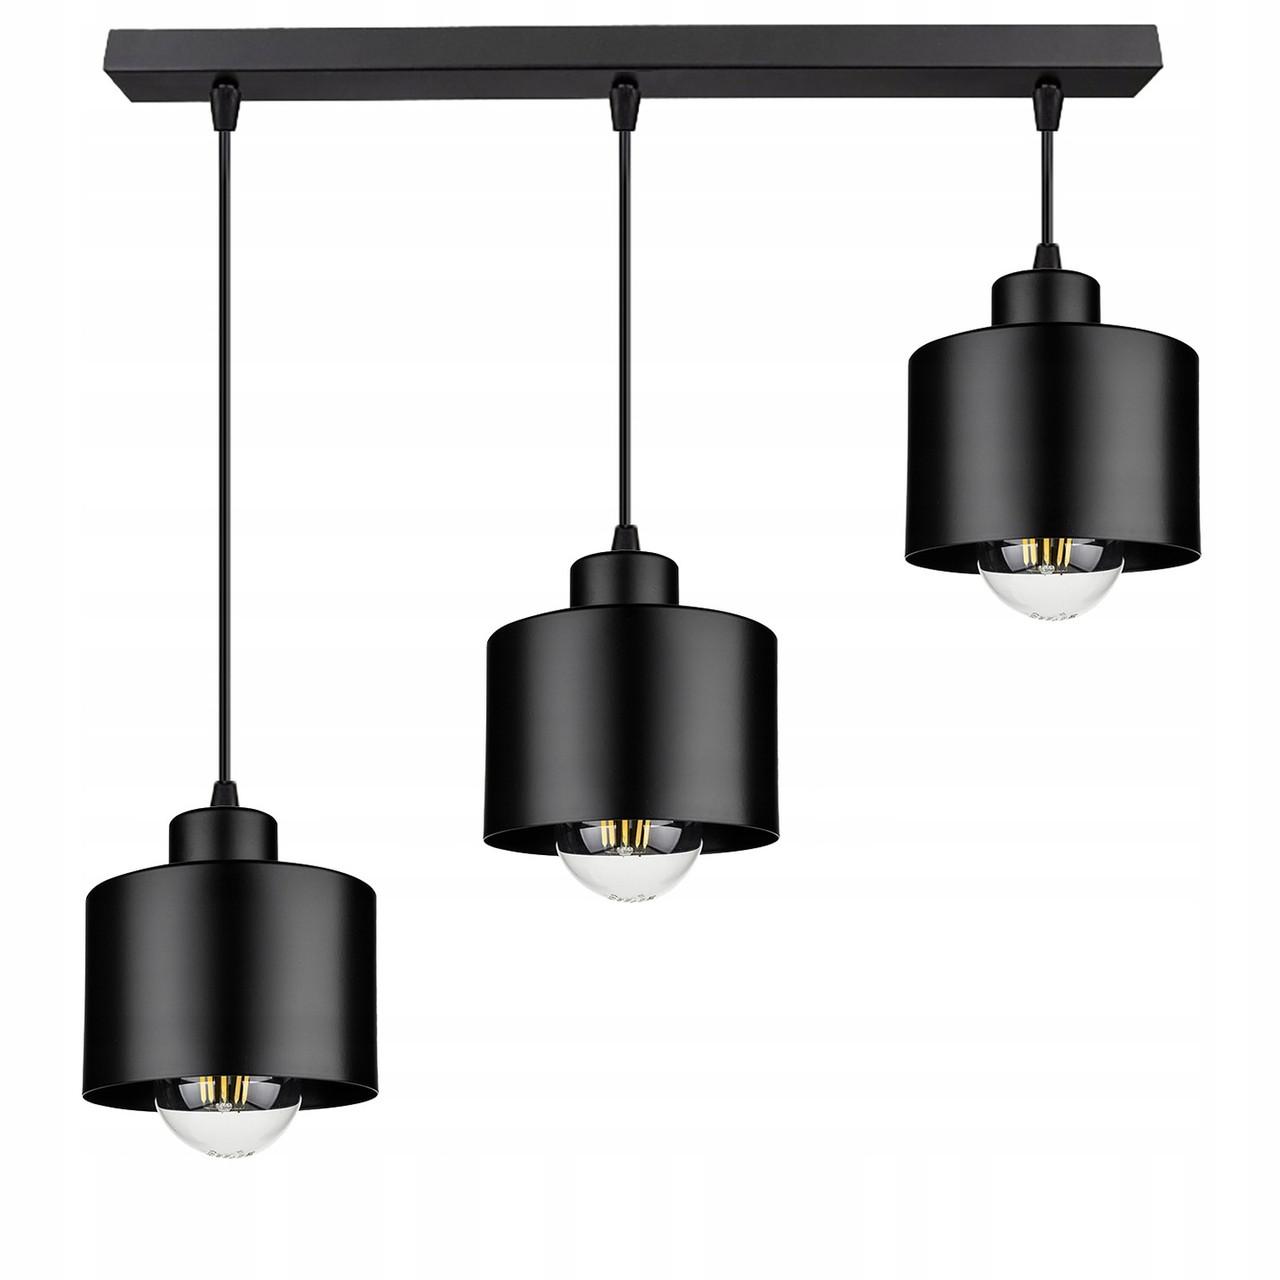 Дизайнерский подвесной потолочный светильник выполнен в современном стиле LX-1035